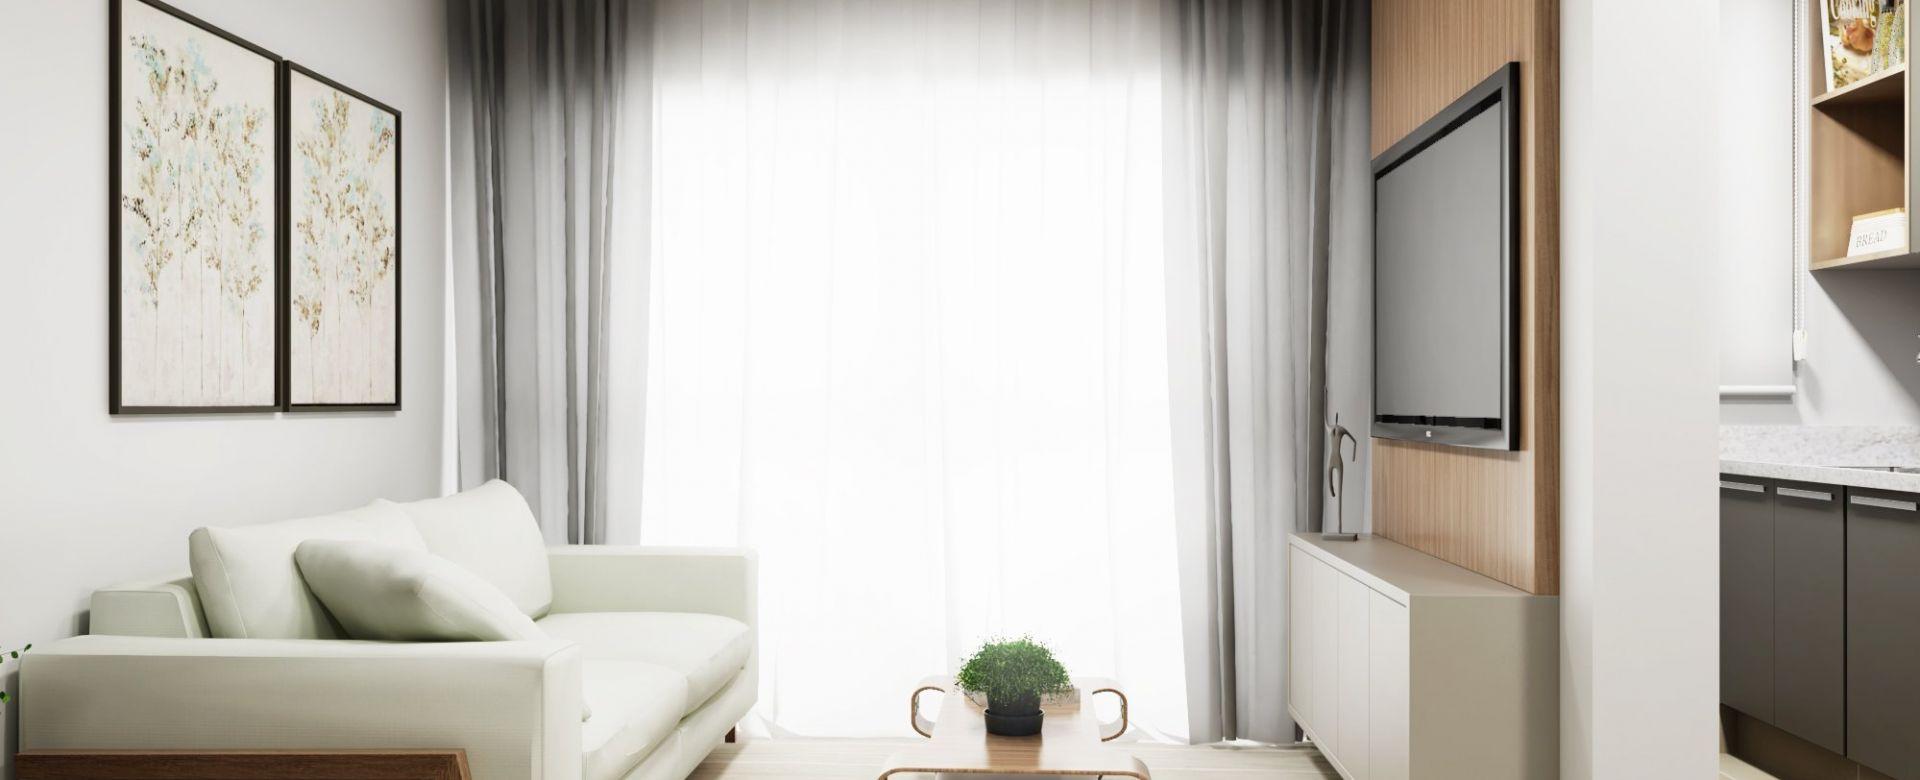 Imagem destaque do Edifício Leblon Apto 507